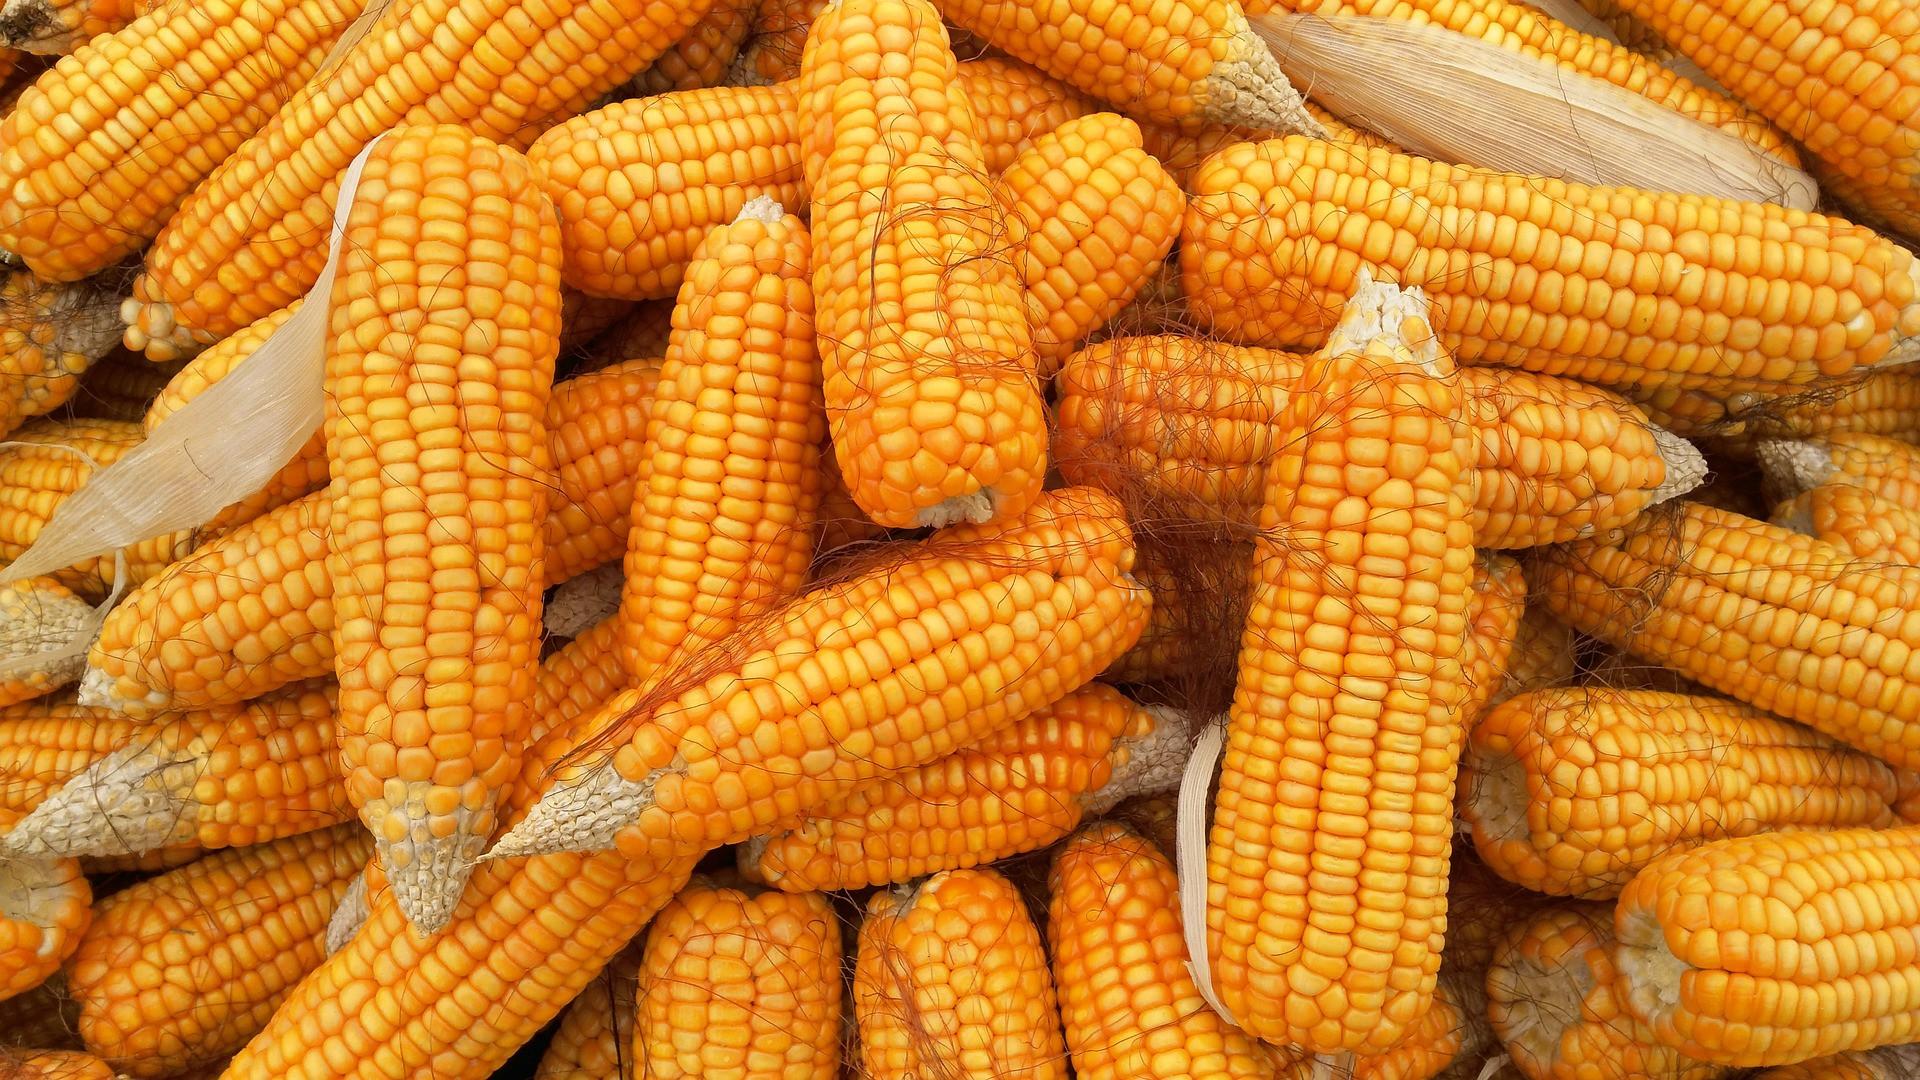 Импорт кукурузы в Японии увеличится до 16,4 млн тонн в 2020-21 МГ